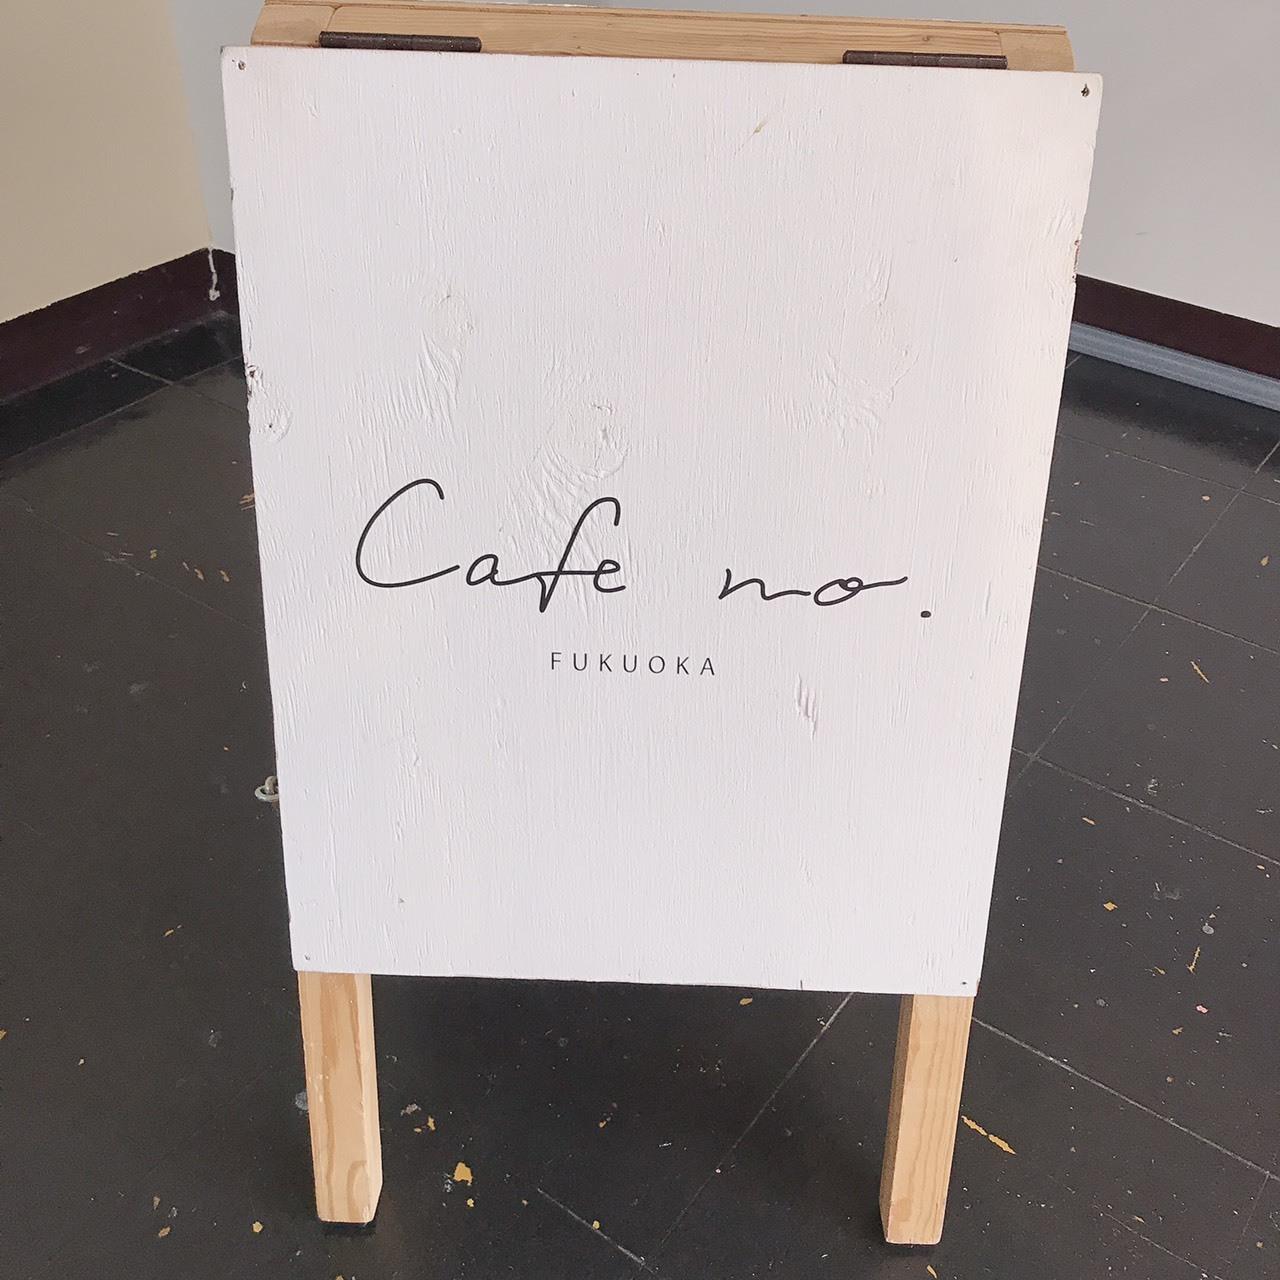 【福岡のインスタ映えカフェ】その2♡_1_5